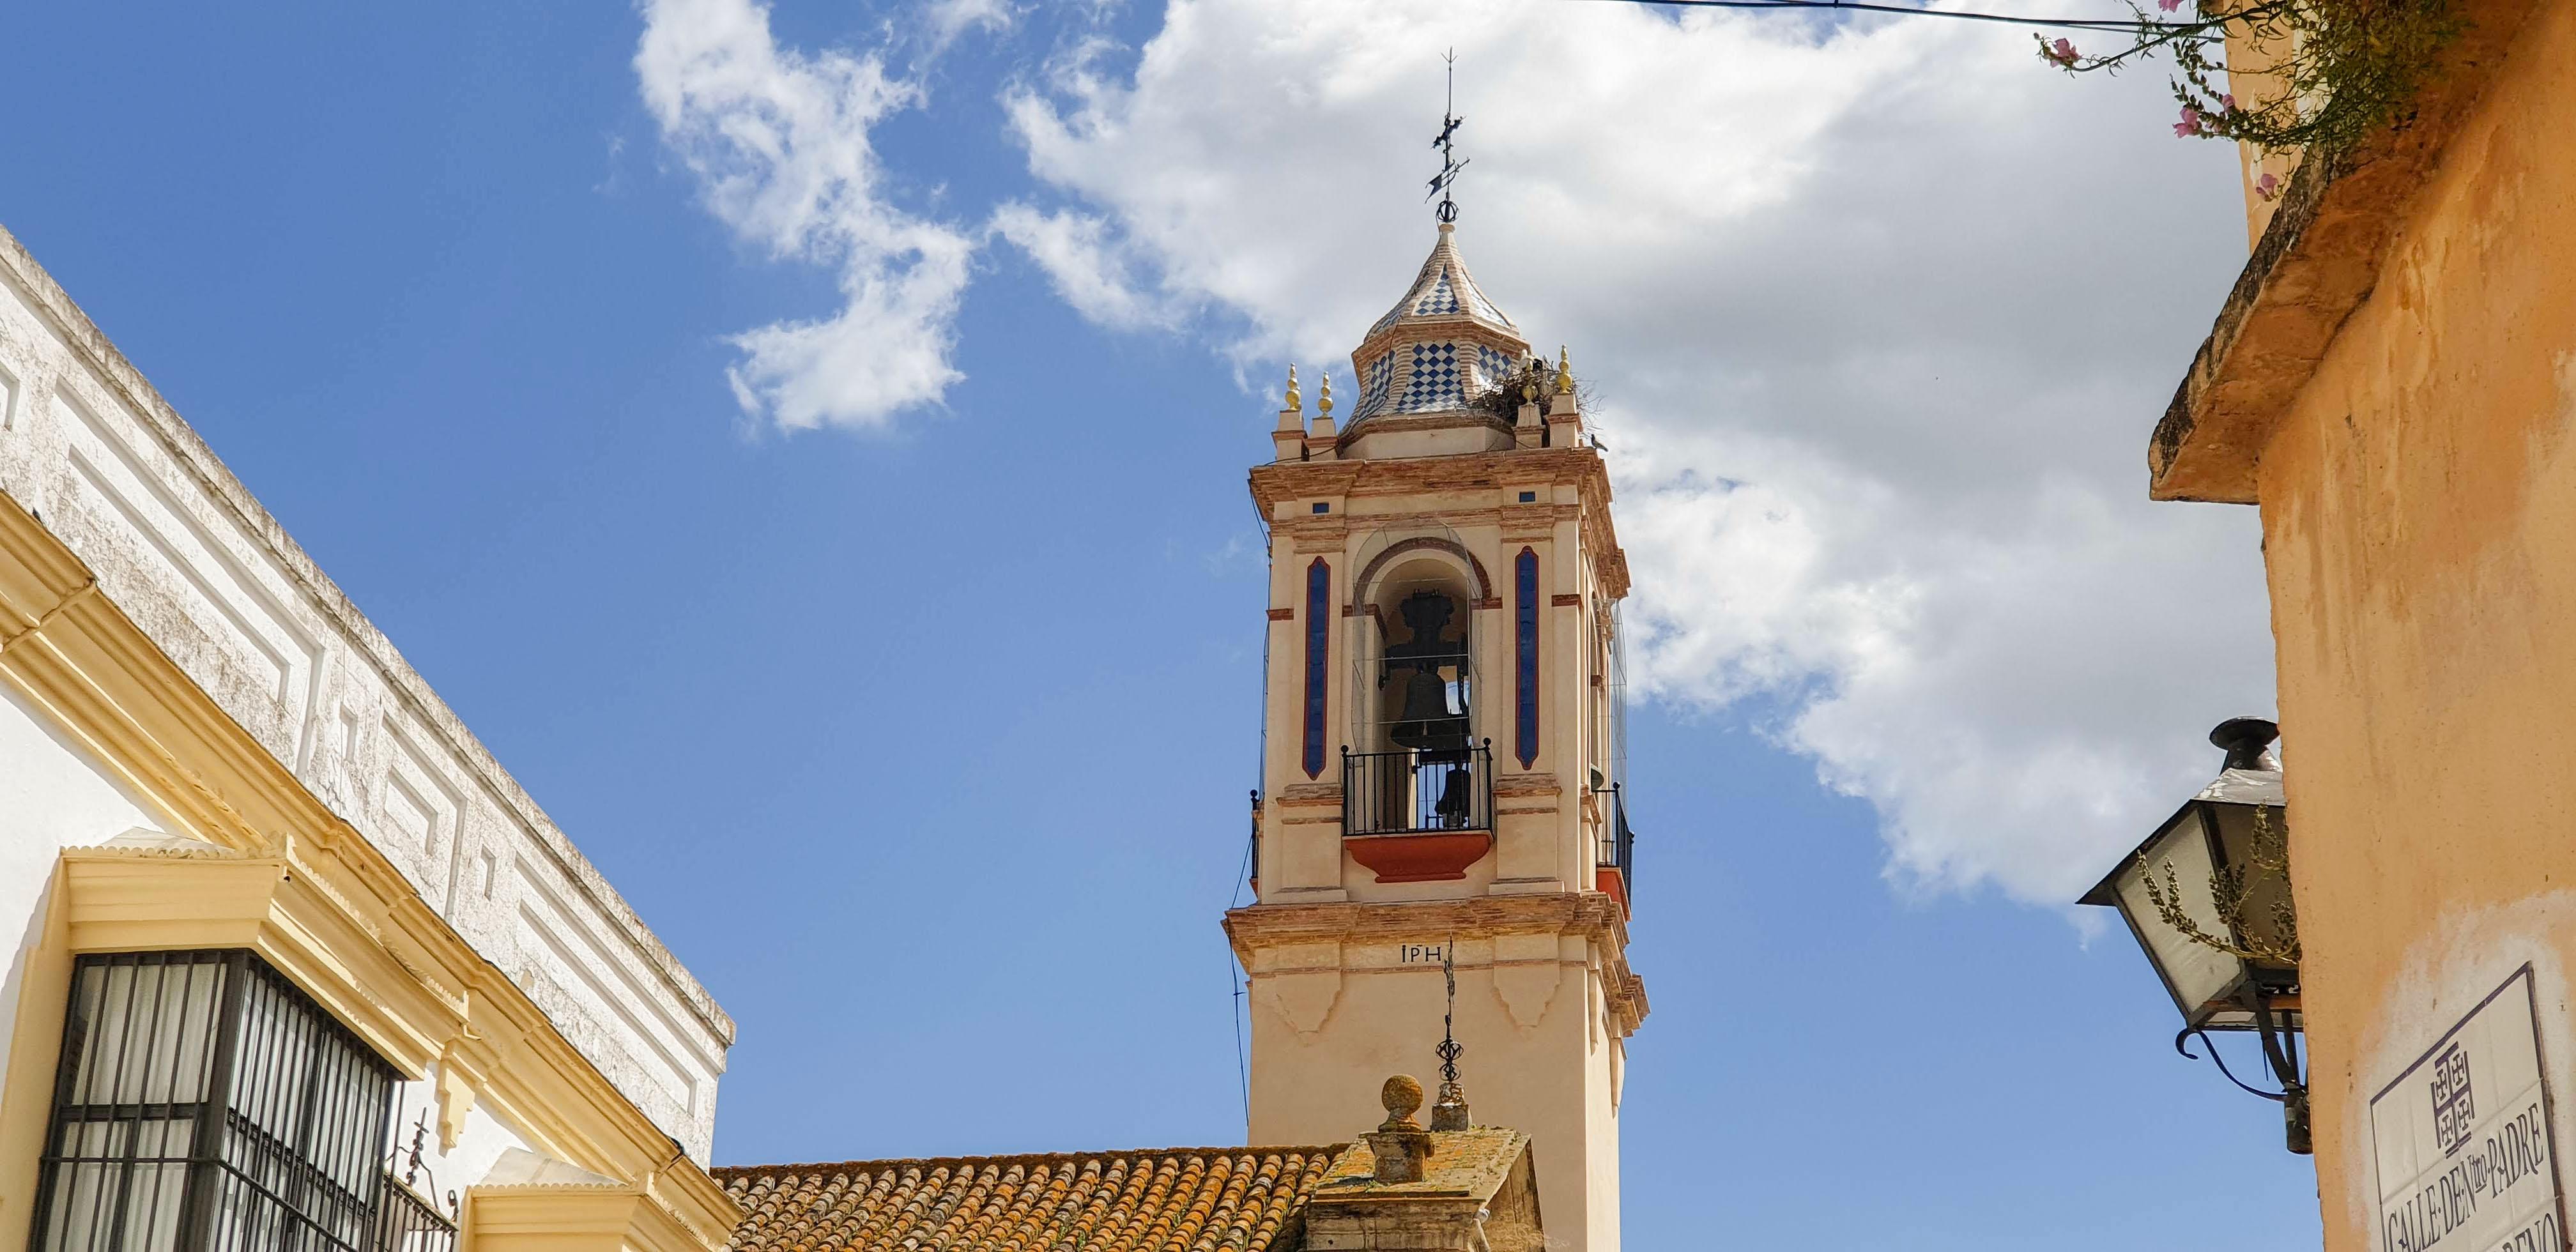 Restauración de la Torre Campanario de la Iglesia Parroquial Santo Domingo de Guzmán de Bornos (Cádiz)